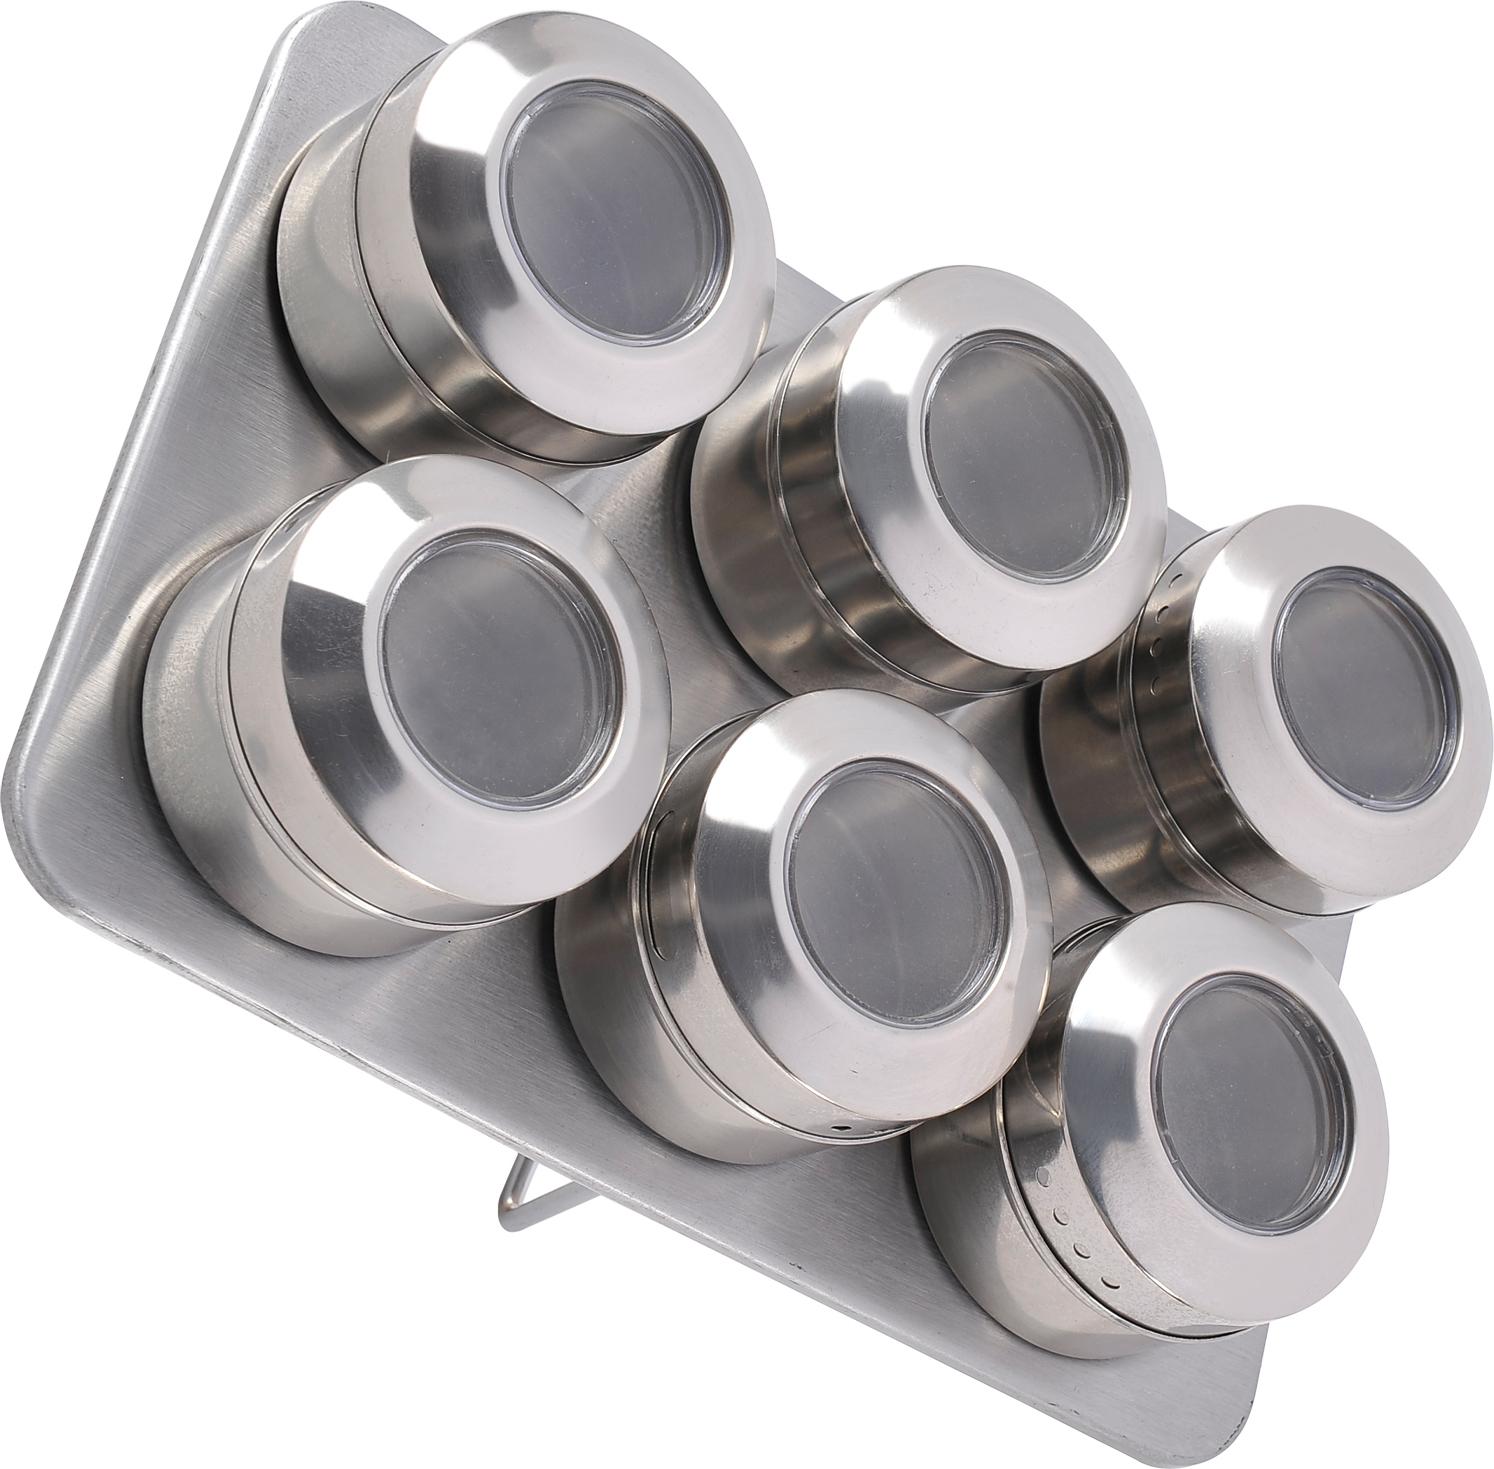 """Набор для специй """"Rainstahl"""", емкости с магнитами, 7 предметов. 8703-06RS/SR"""